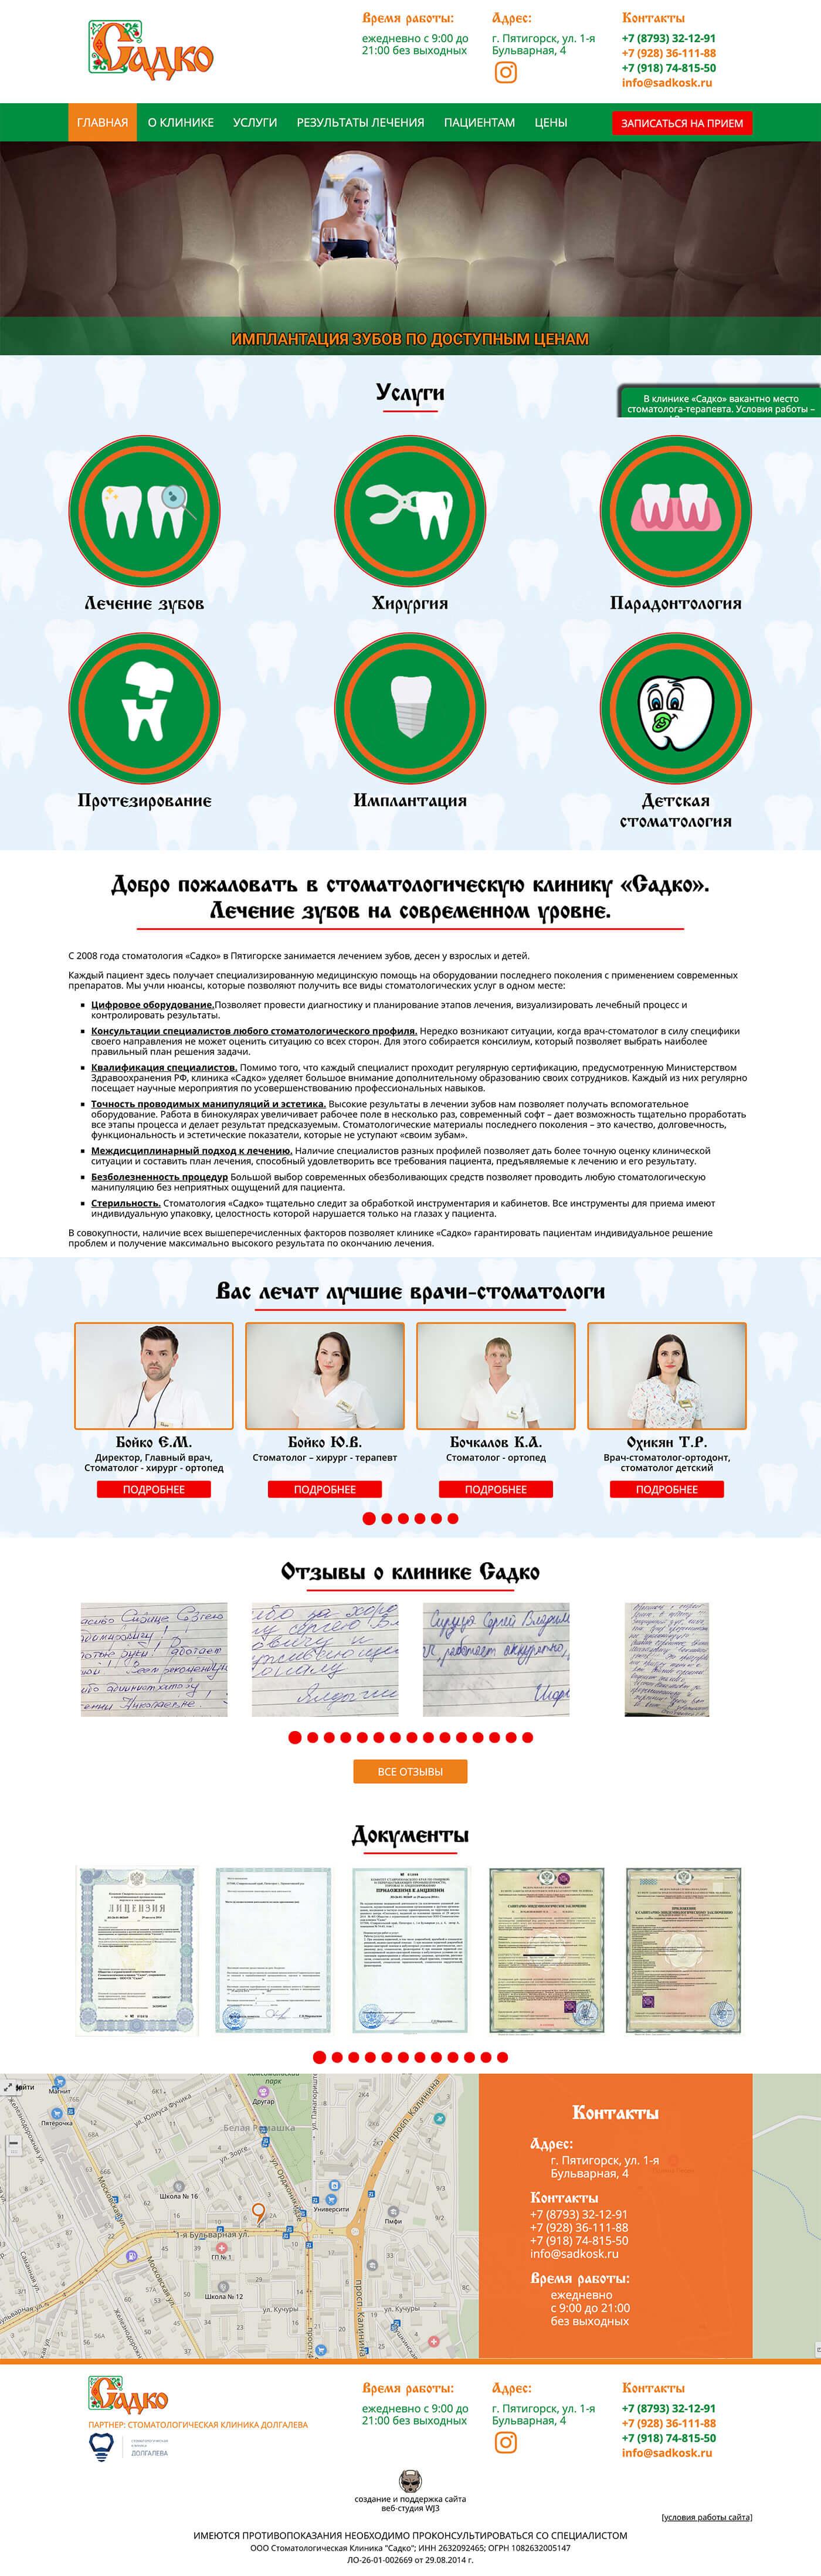 Сайт стоматологической клиники Садко